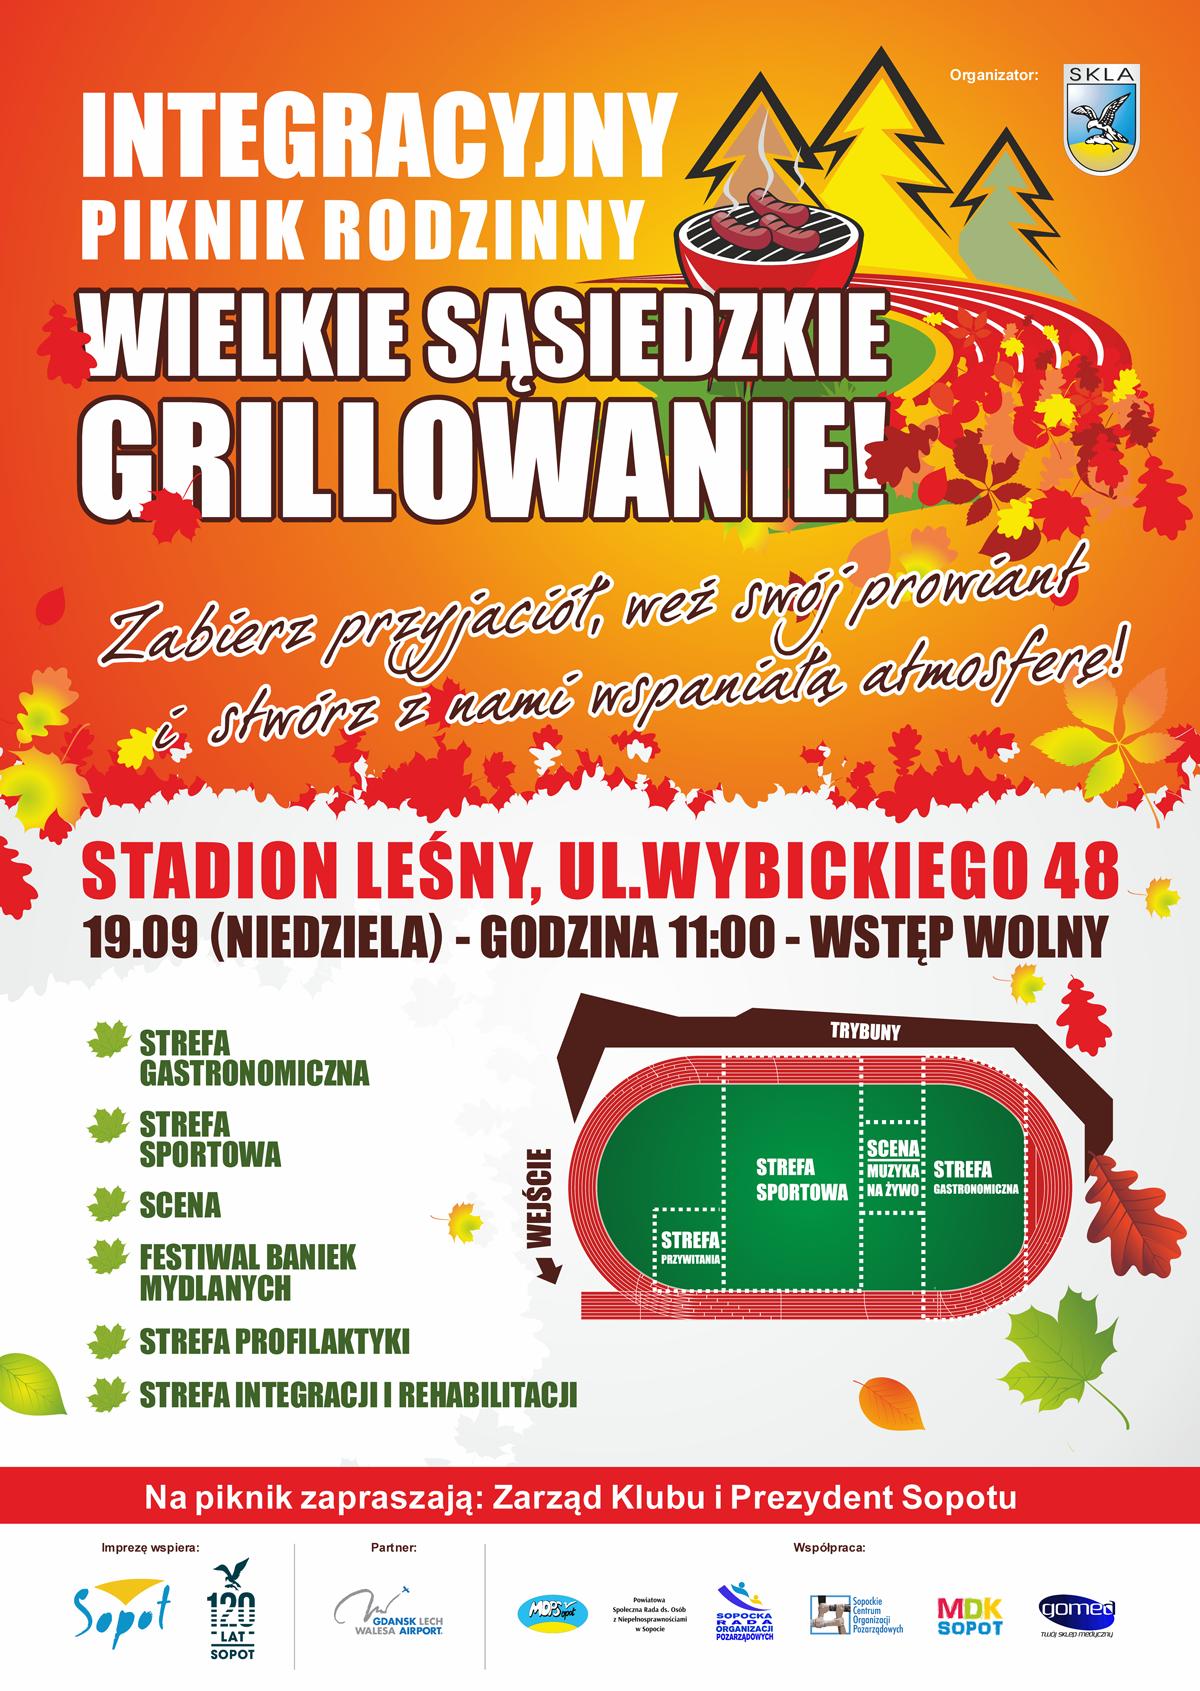 Plakat. Zaproszenie na Integracyjny Piknik Rodzinny, sąsiedzkie grillowanie 19 września na stadionie Leśnym w Sopocie.